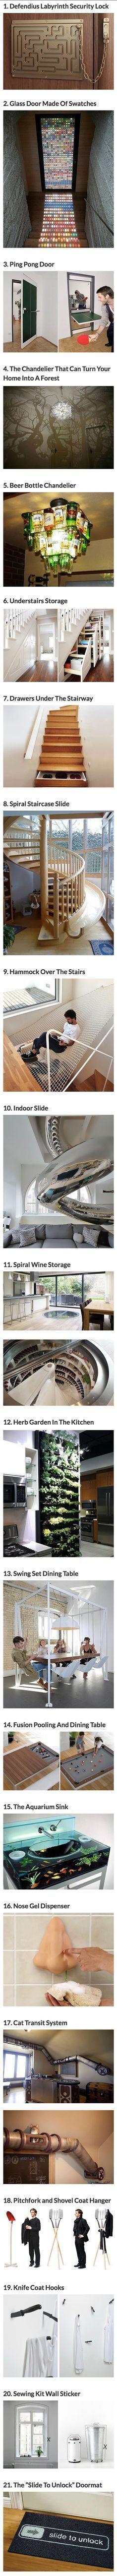 Ideas to make home even more fun and beautiful Ideen, um Zuhause noch schöner und spaßiger zu gestalten